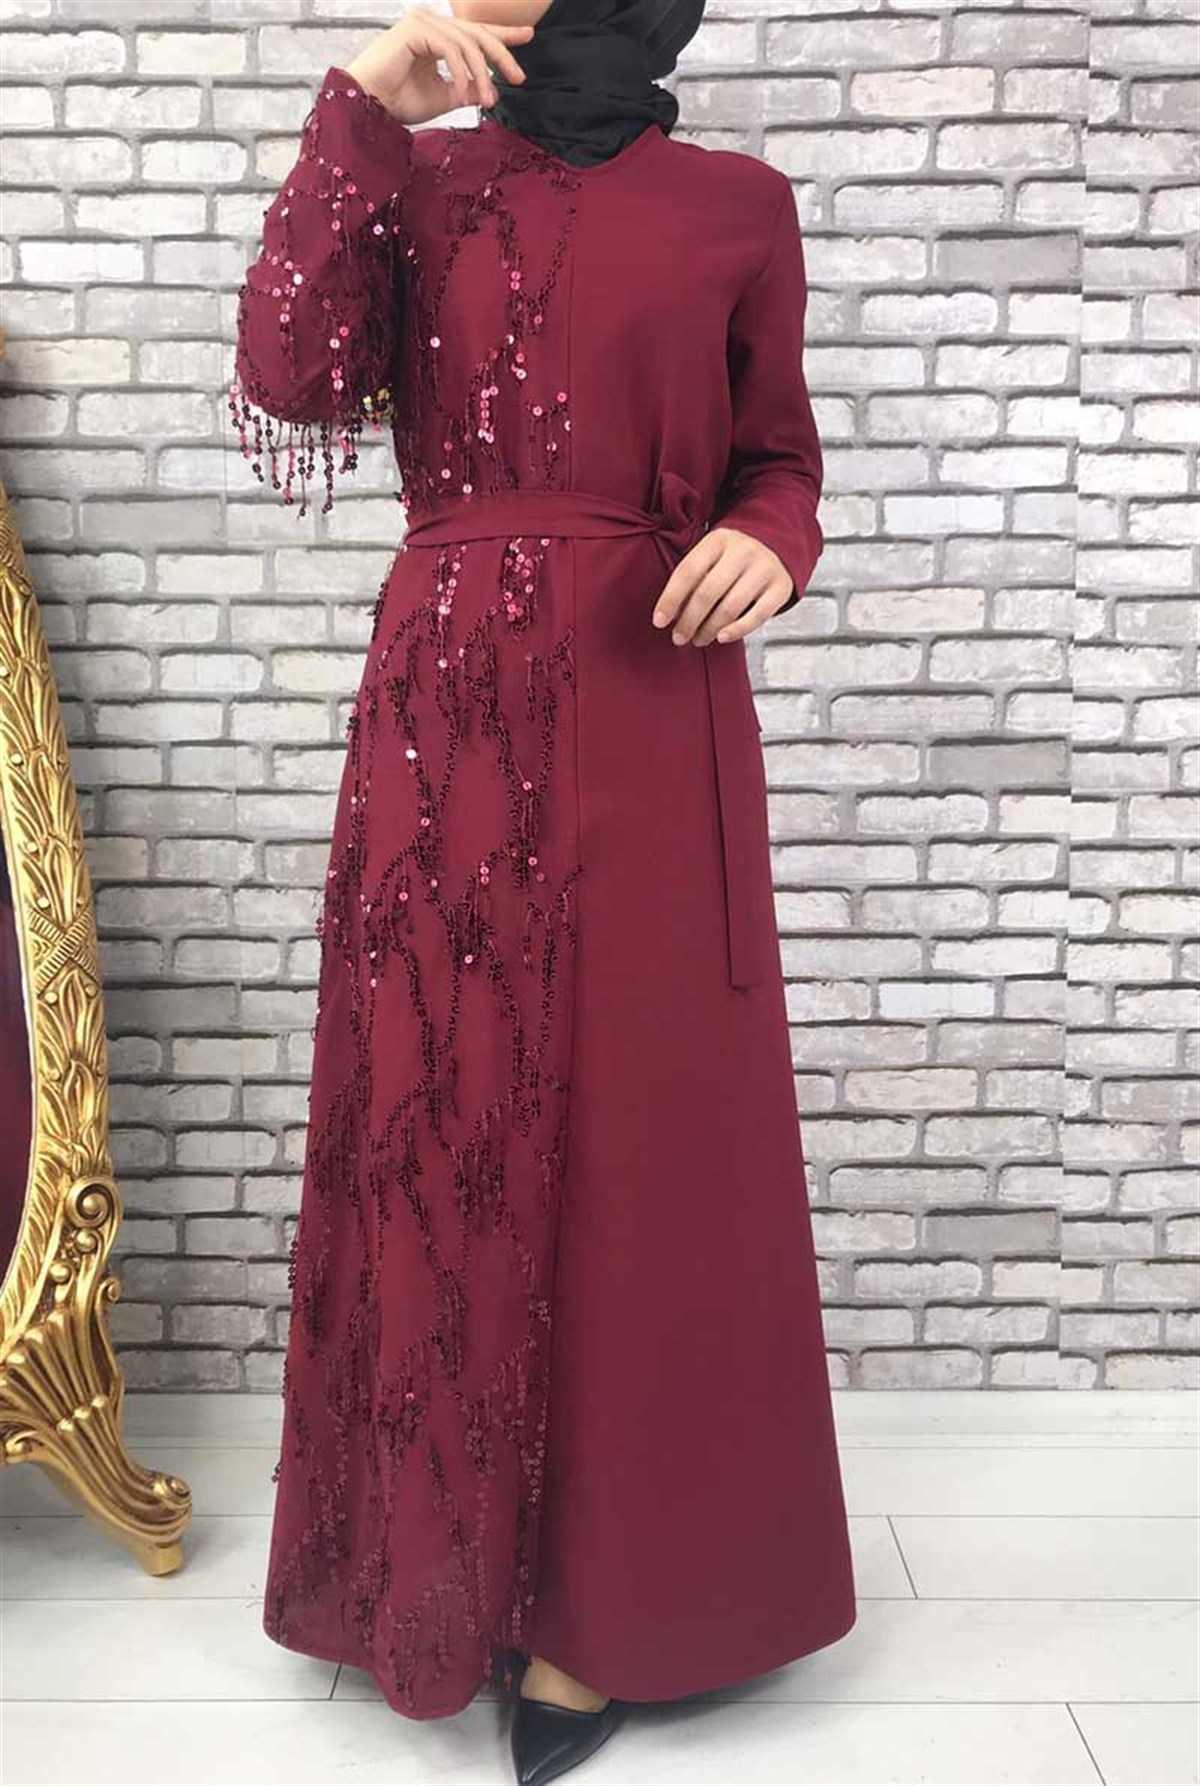 Gizemsmoda Pullu Tesettür Bordo Abiye Elbise Modelleri